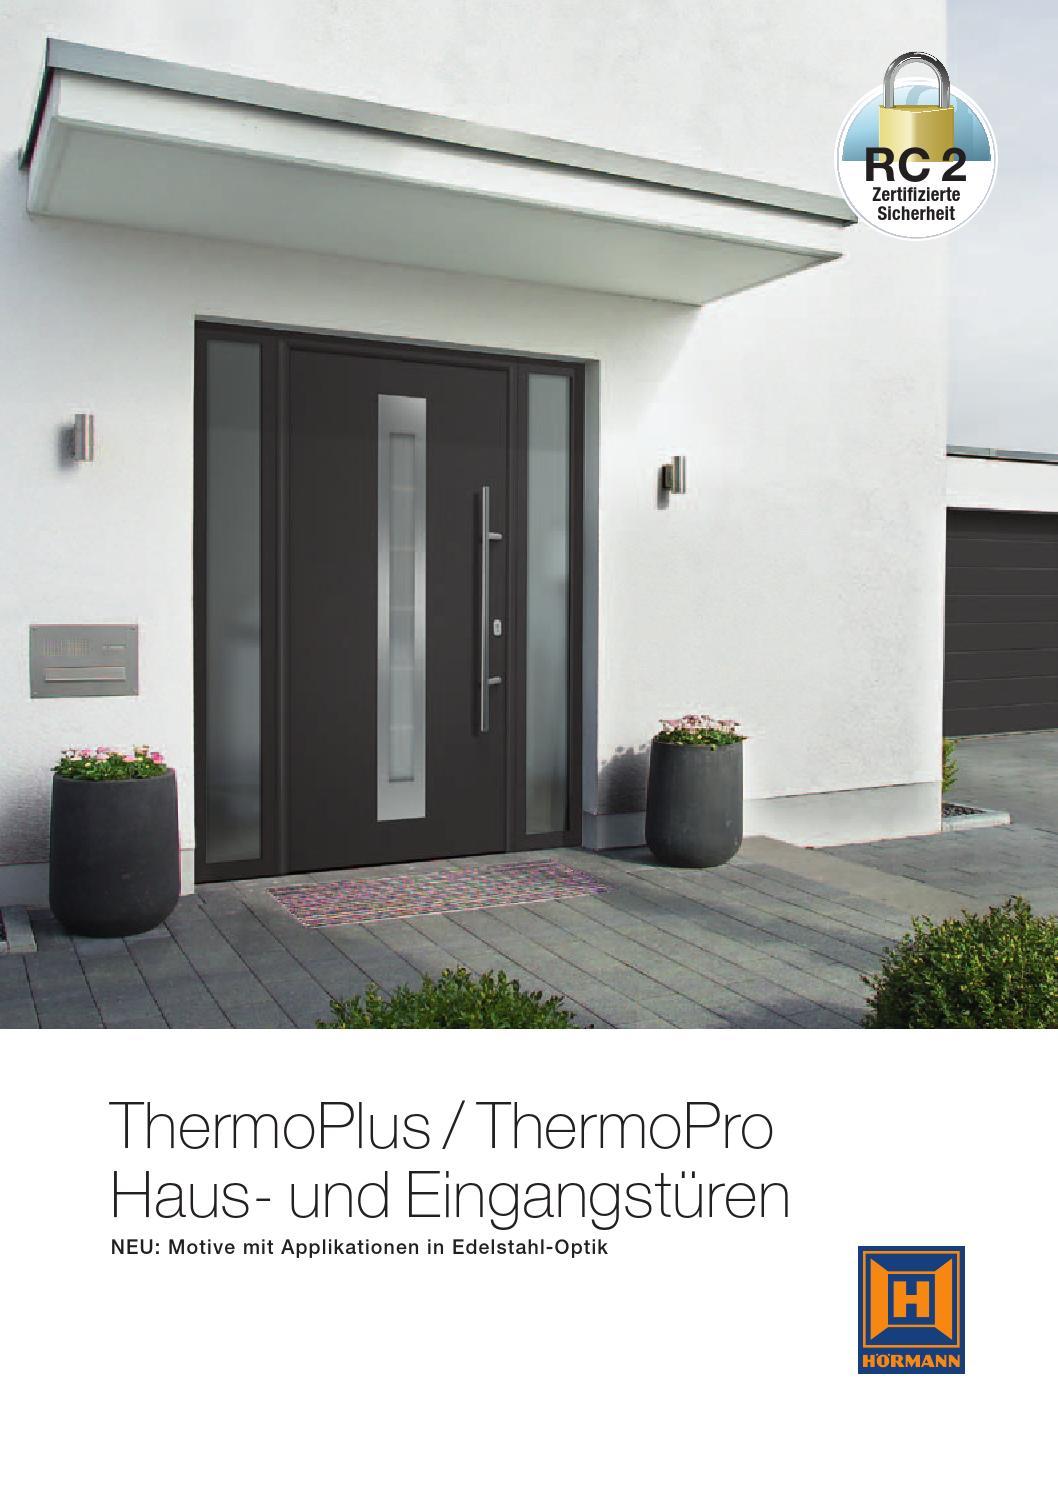 thermoplus thermopro haus und eingangst ren by heinze gmbh issuu. Black Bedroom Furniture Sets. Home Design Ideas